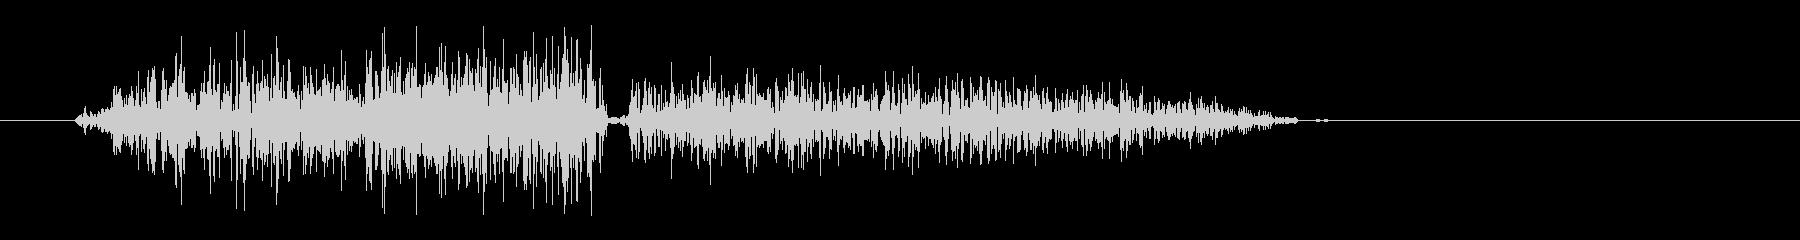 シャッター音シンプル(カシャ)の未再生の波形